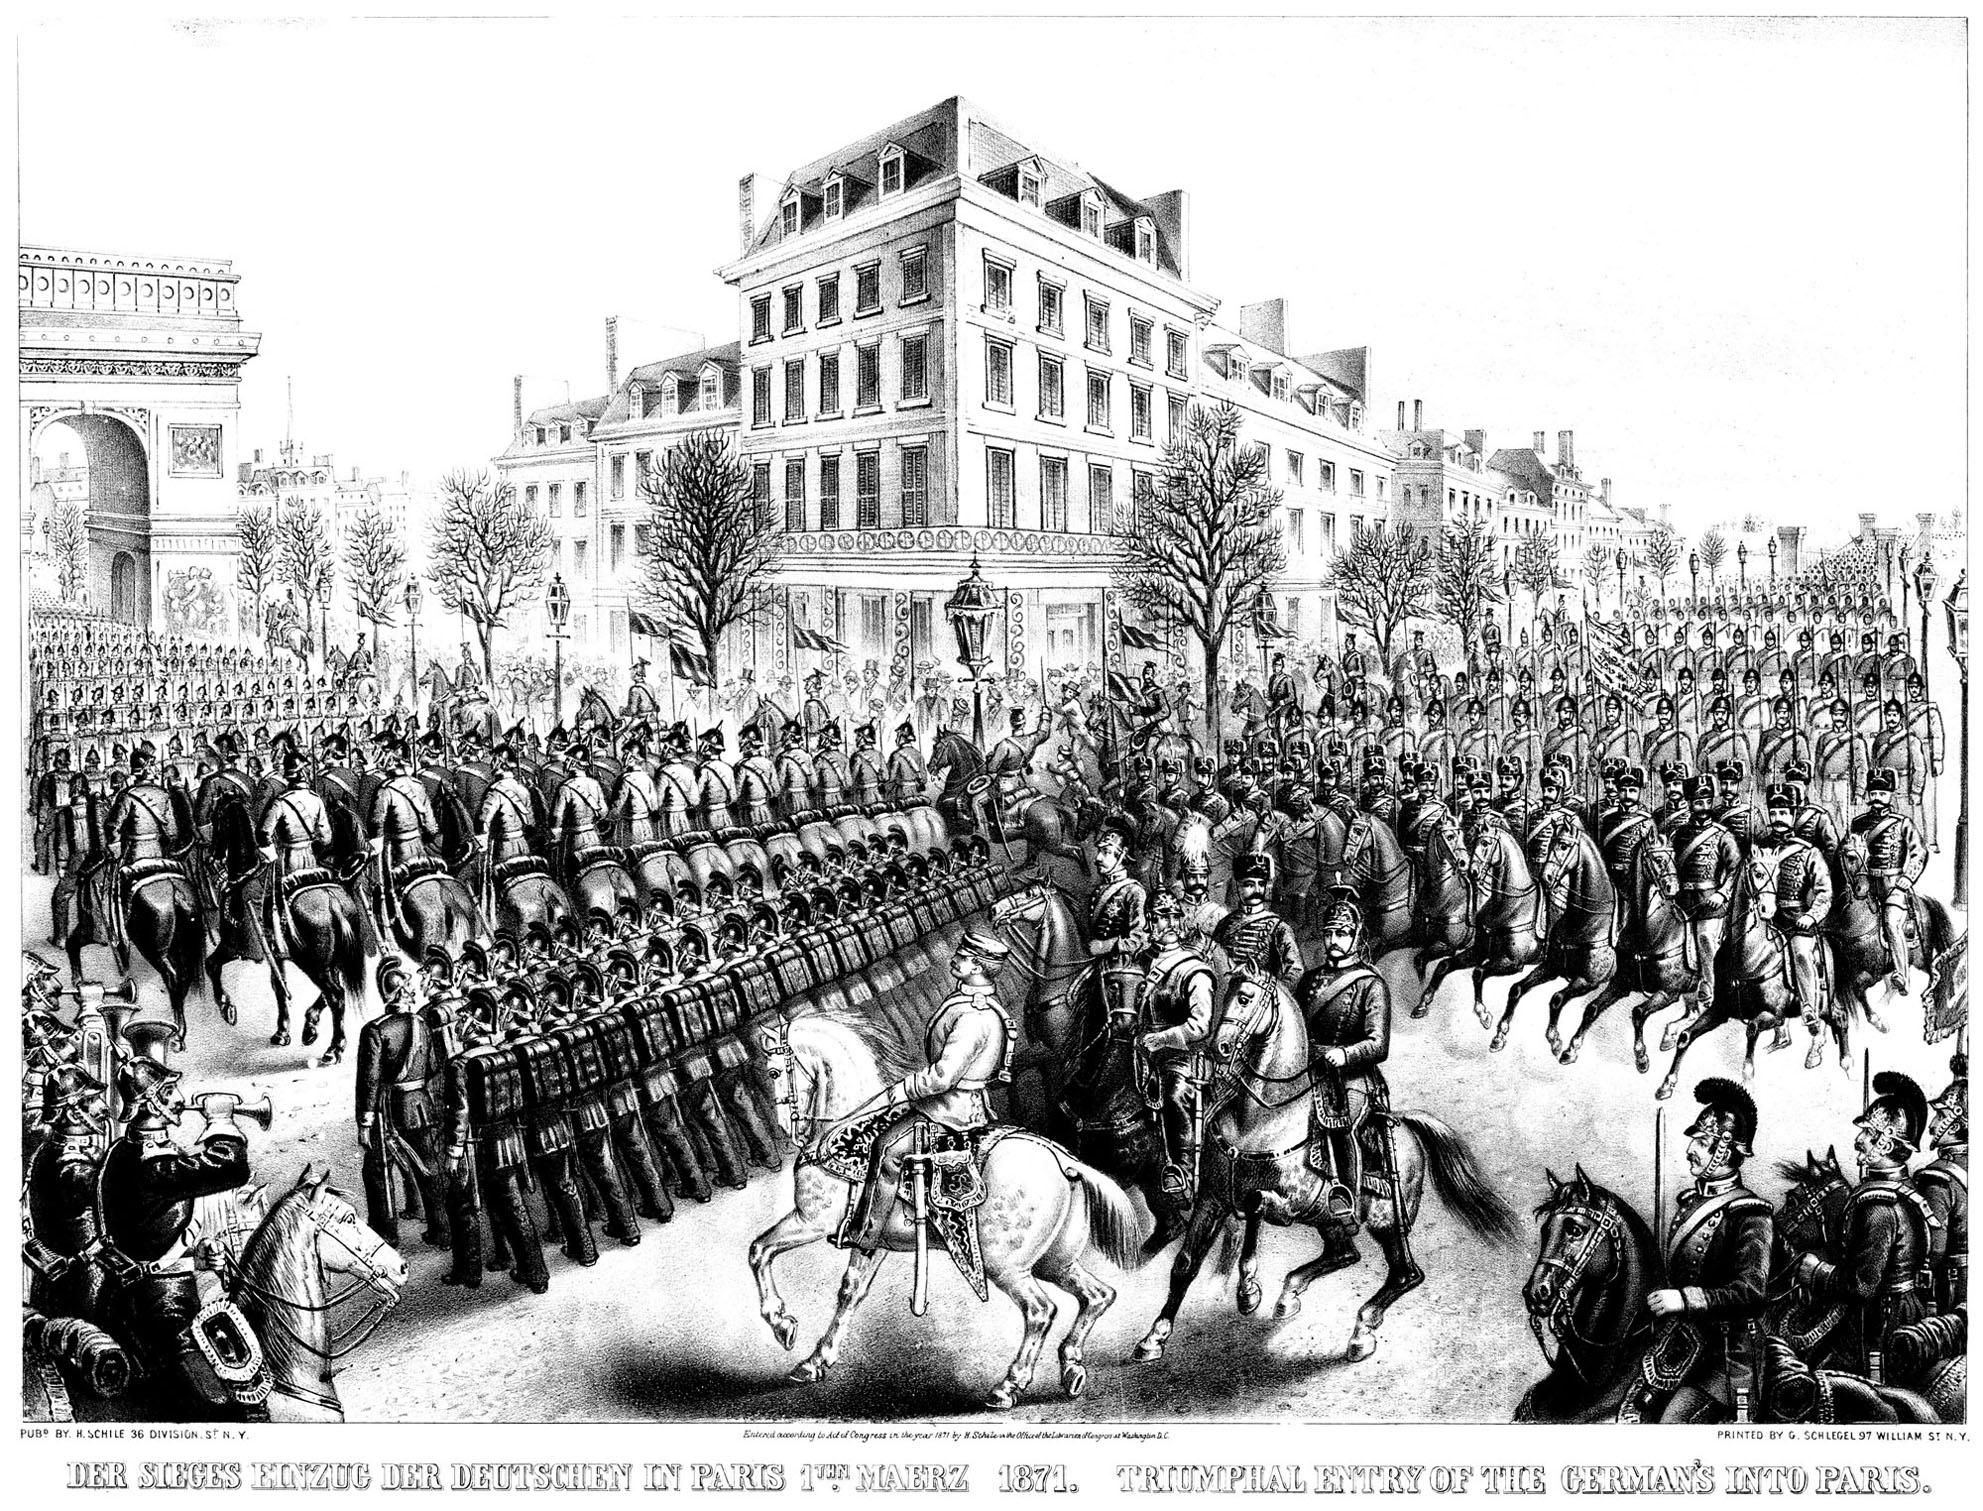 Représentation de 1870 de l'entrée des Allemands dans la ville lors du siège de Paris